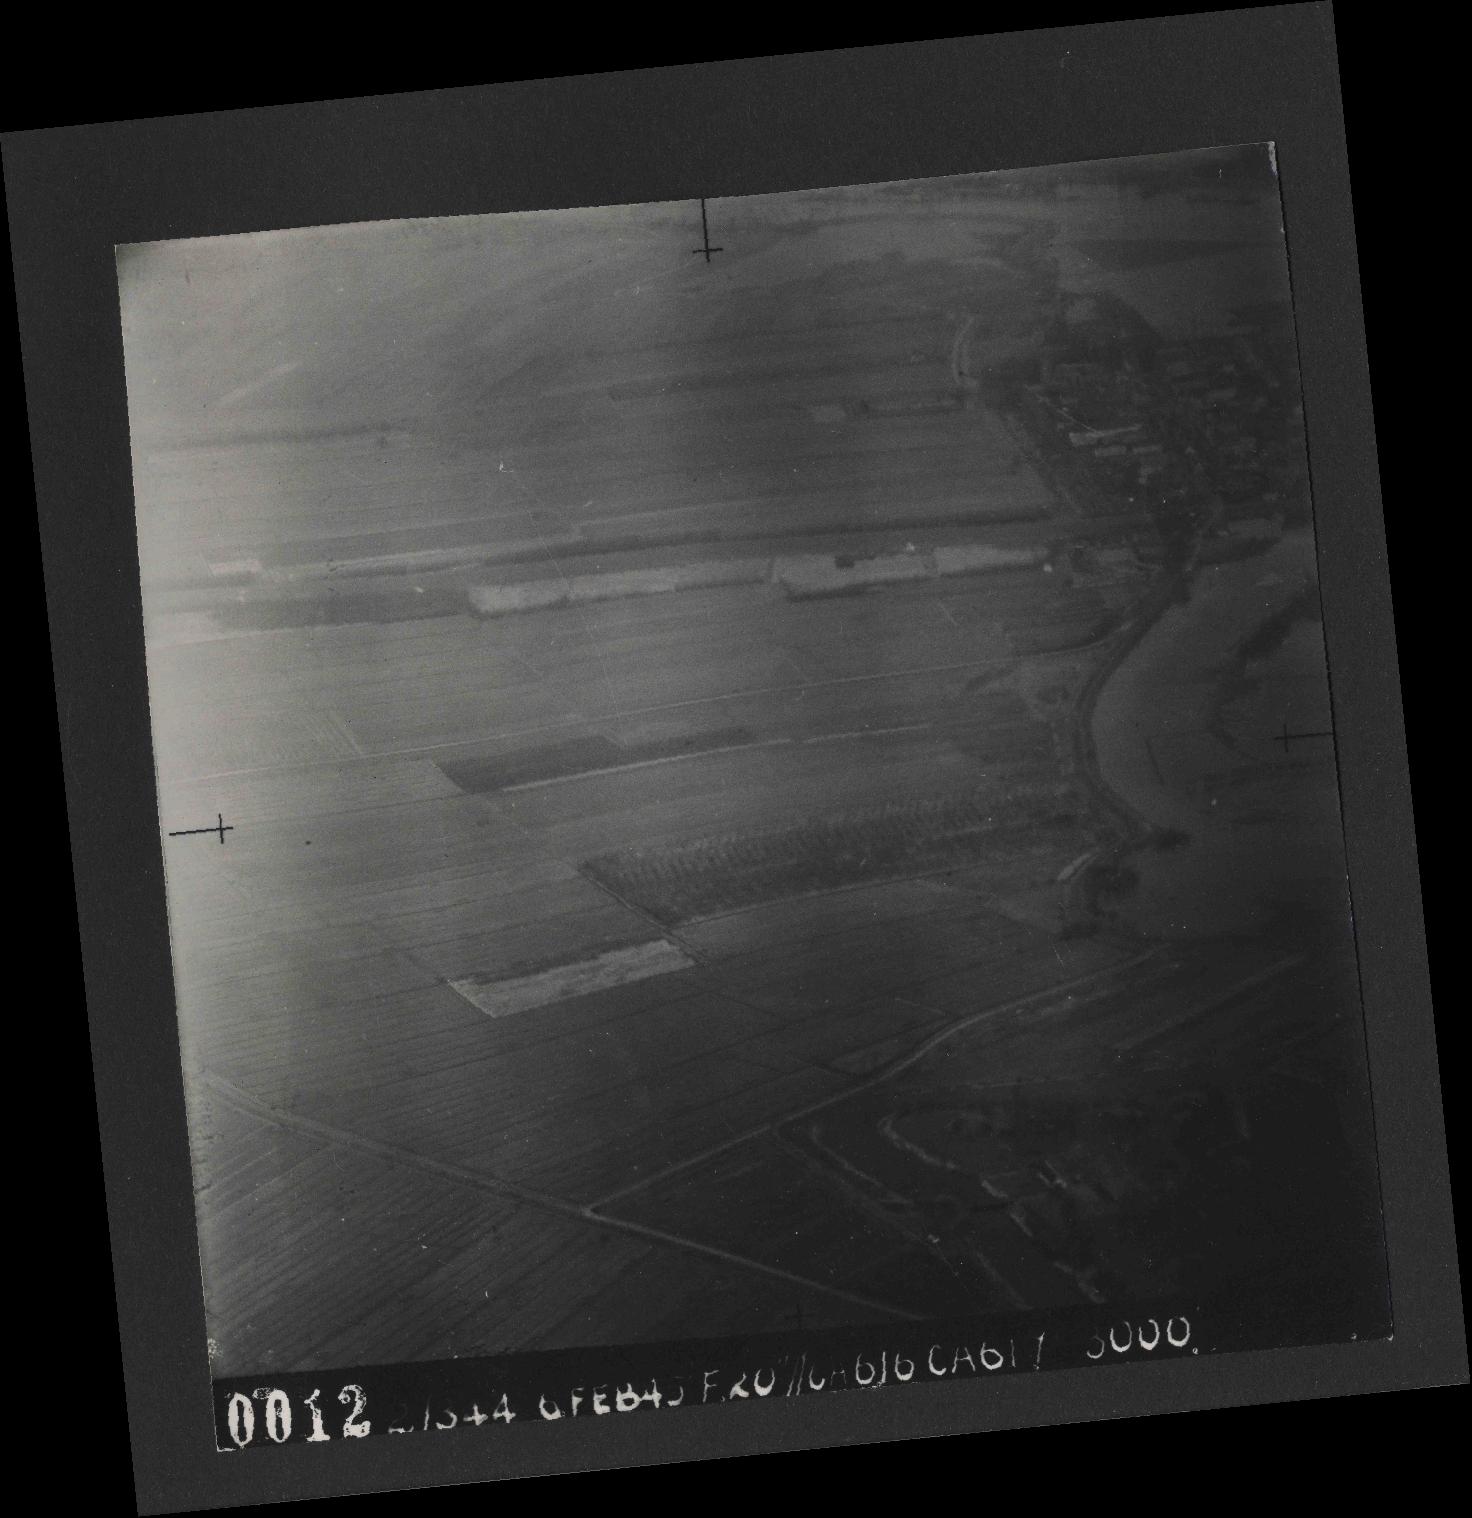 Collection RAF aerial photos 1940-1945 - flight 532, run 01, photo 0012